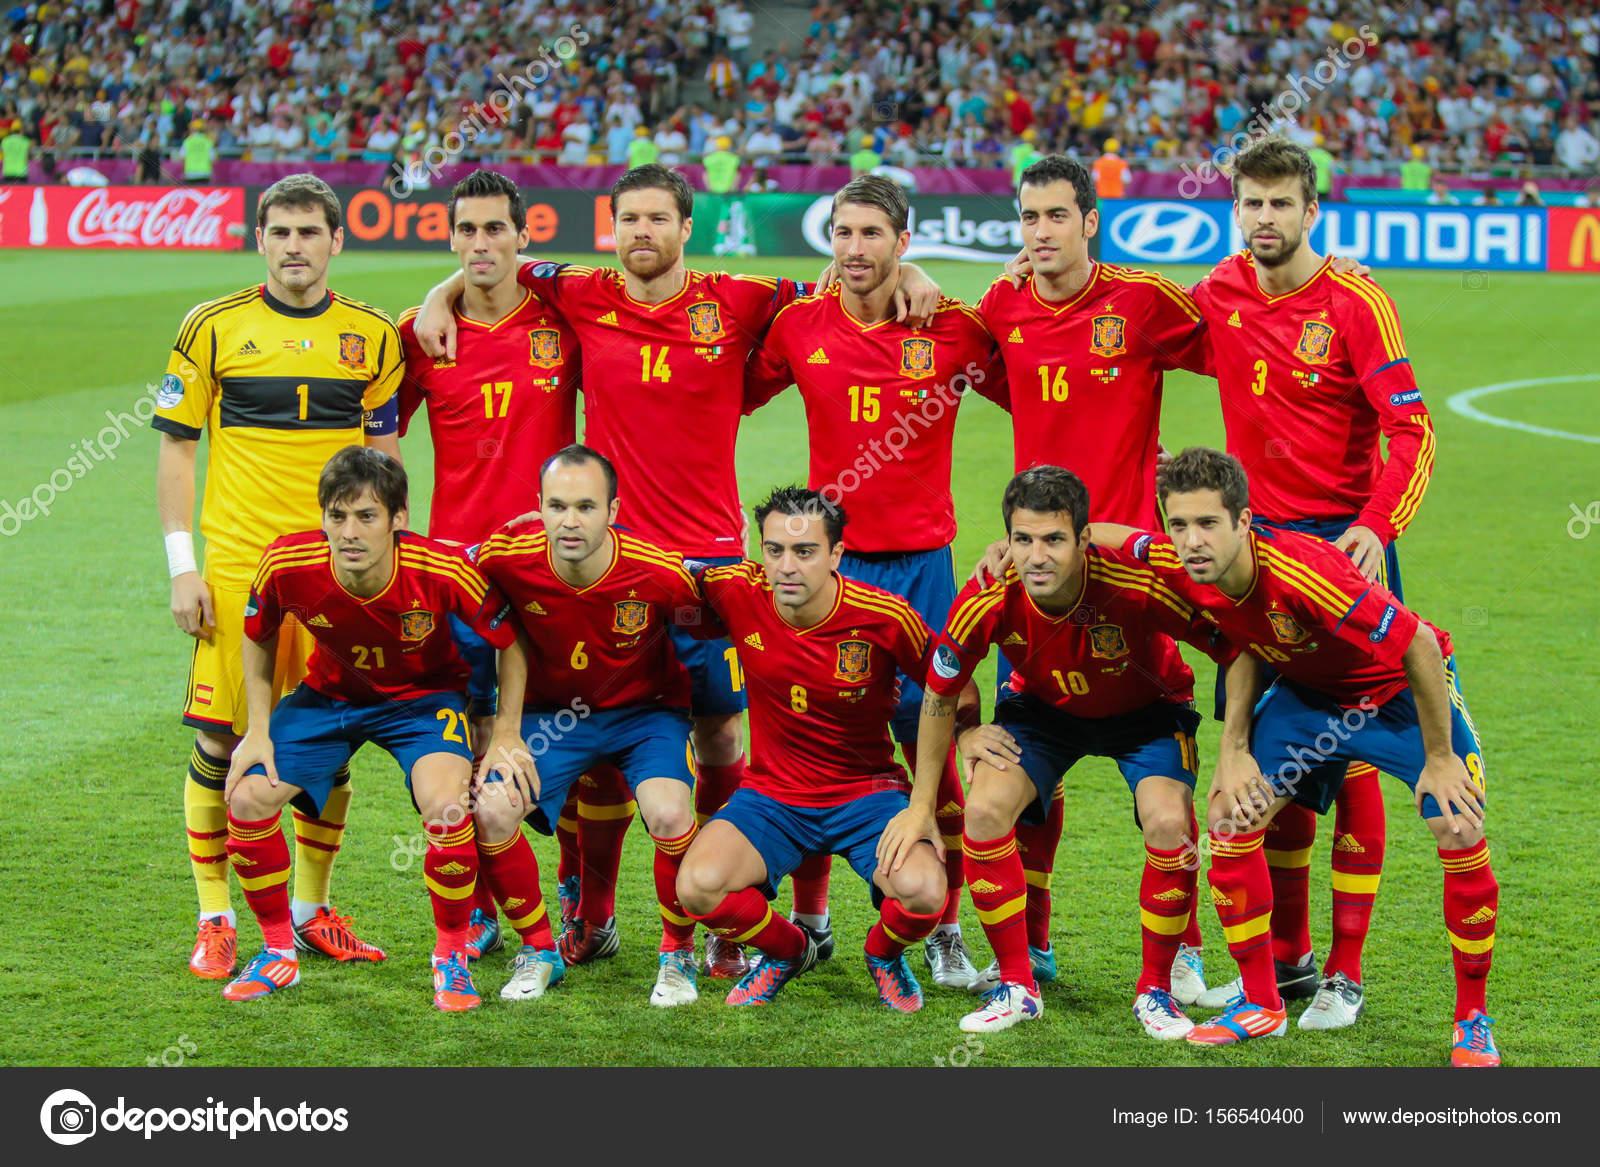 Katalanische Nationalmannschaft